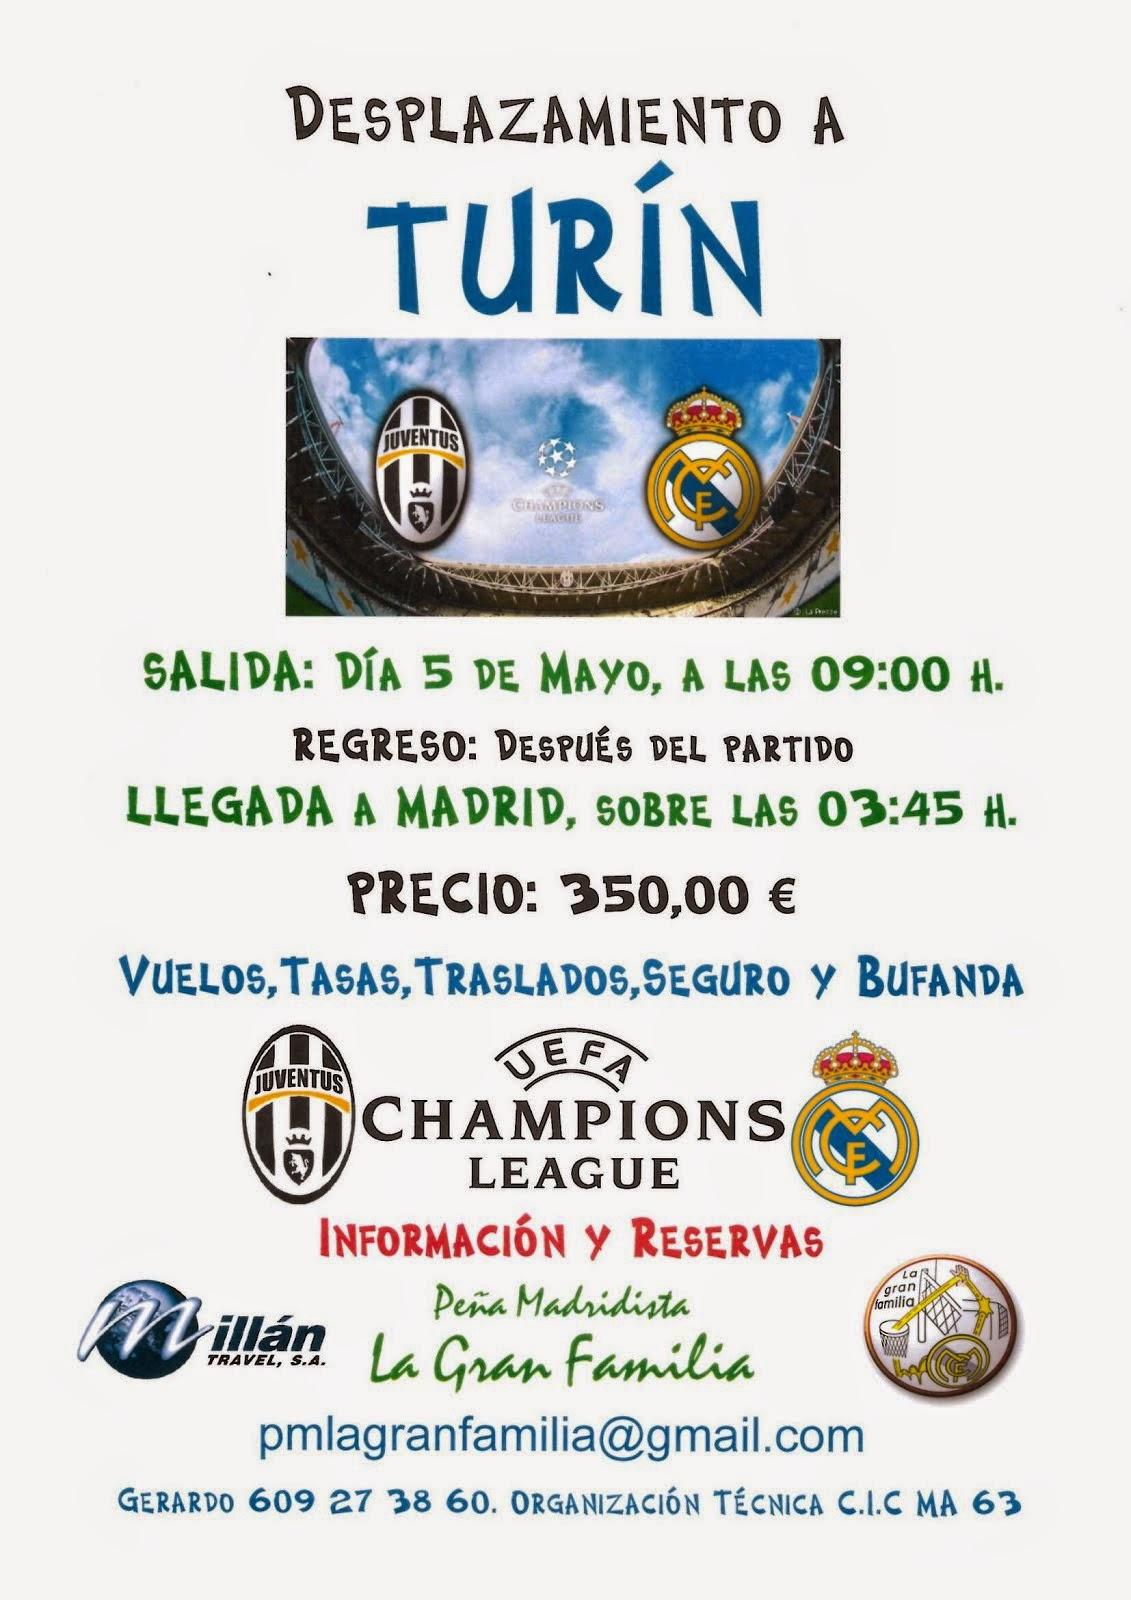 Viaje a Turín